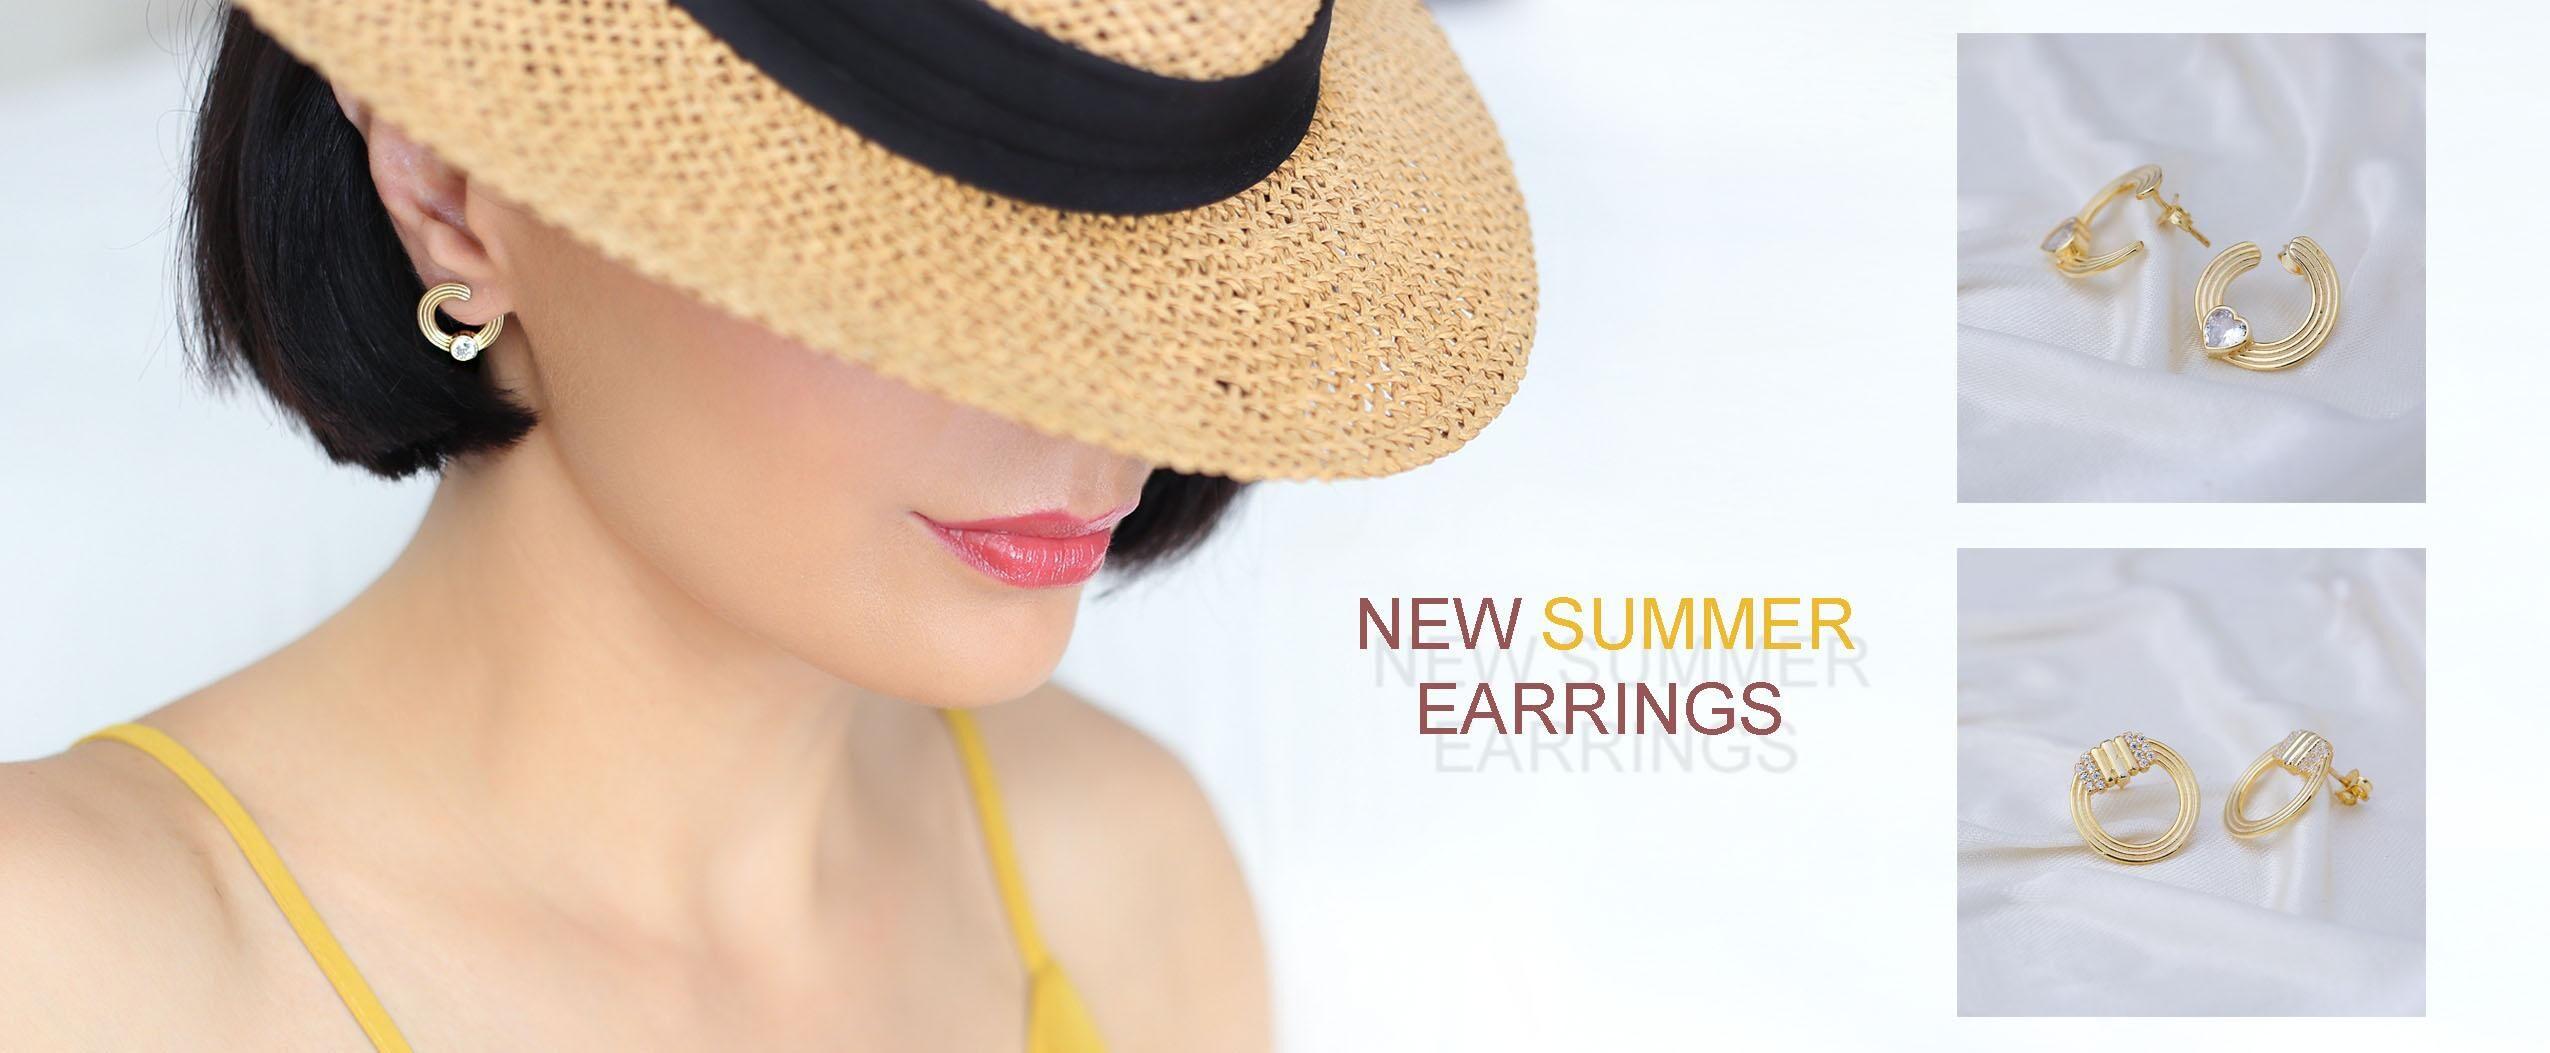 NEW SUMMER EARRING